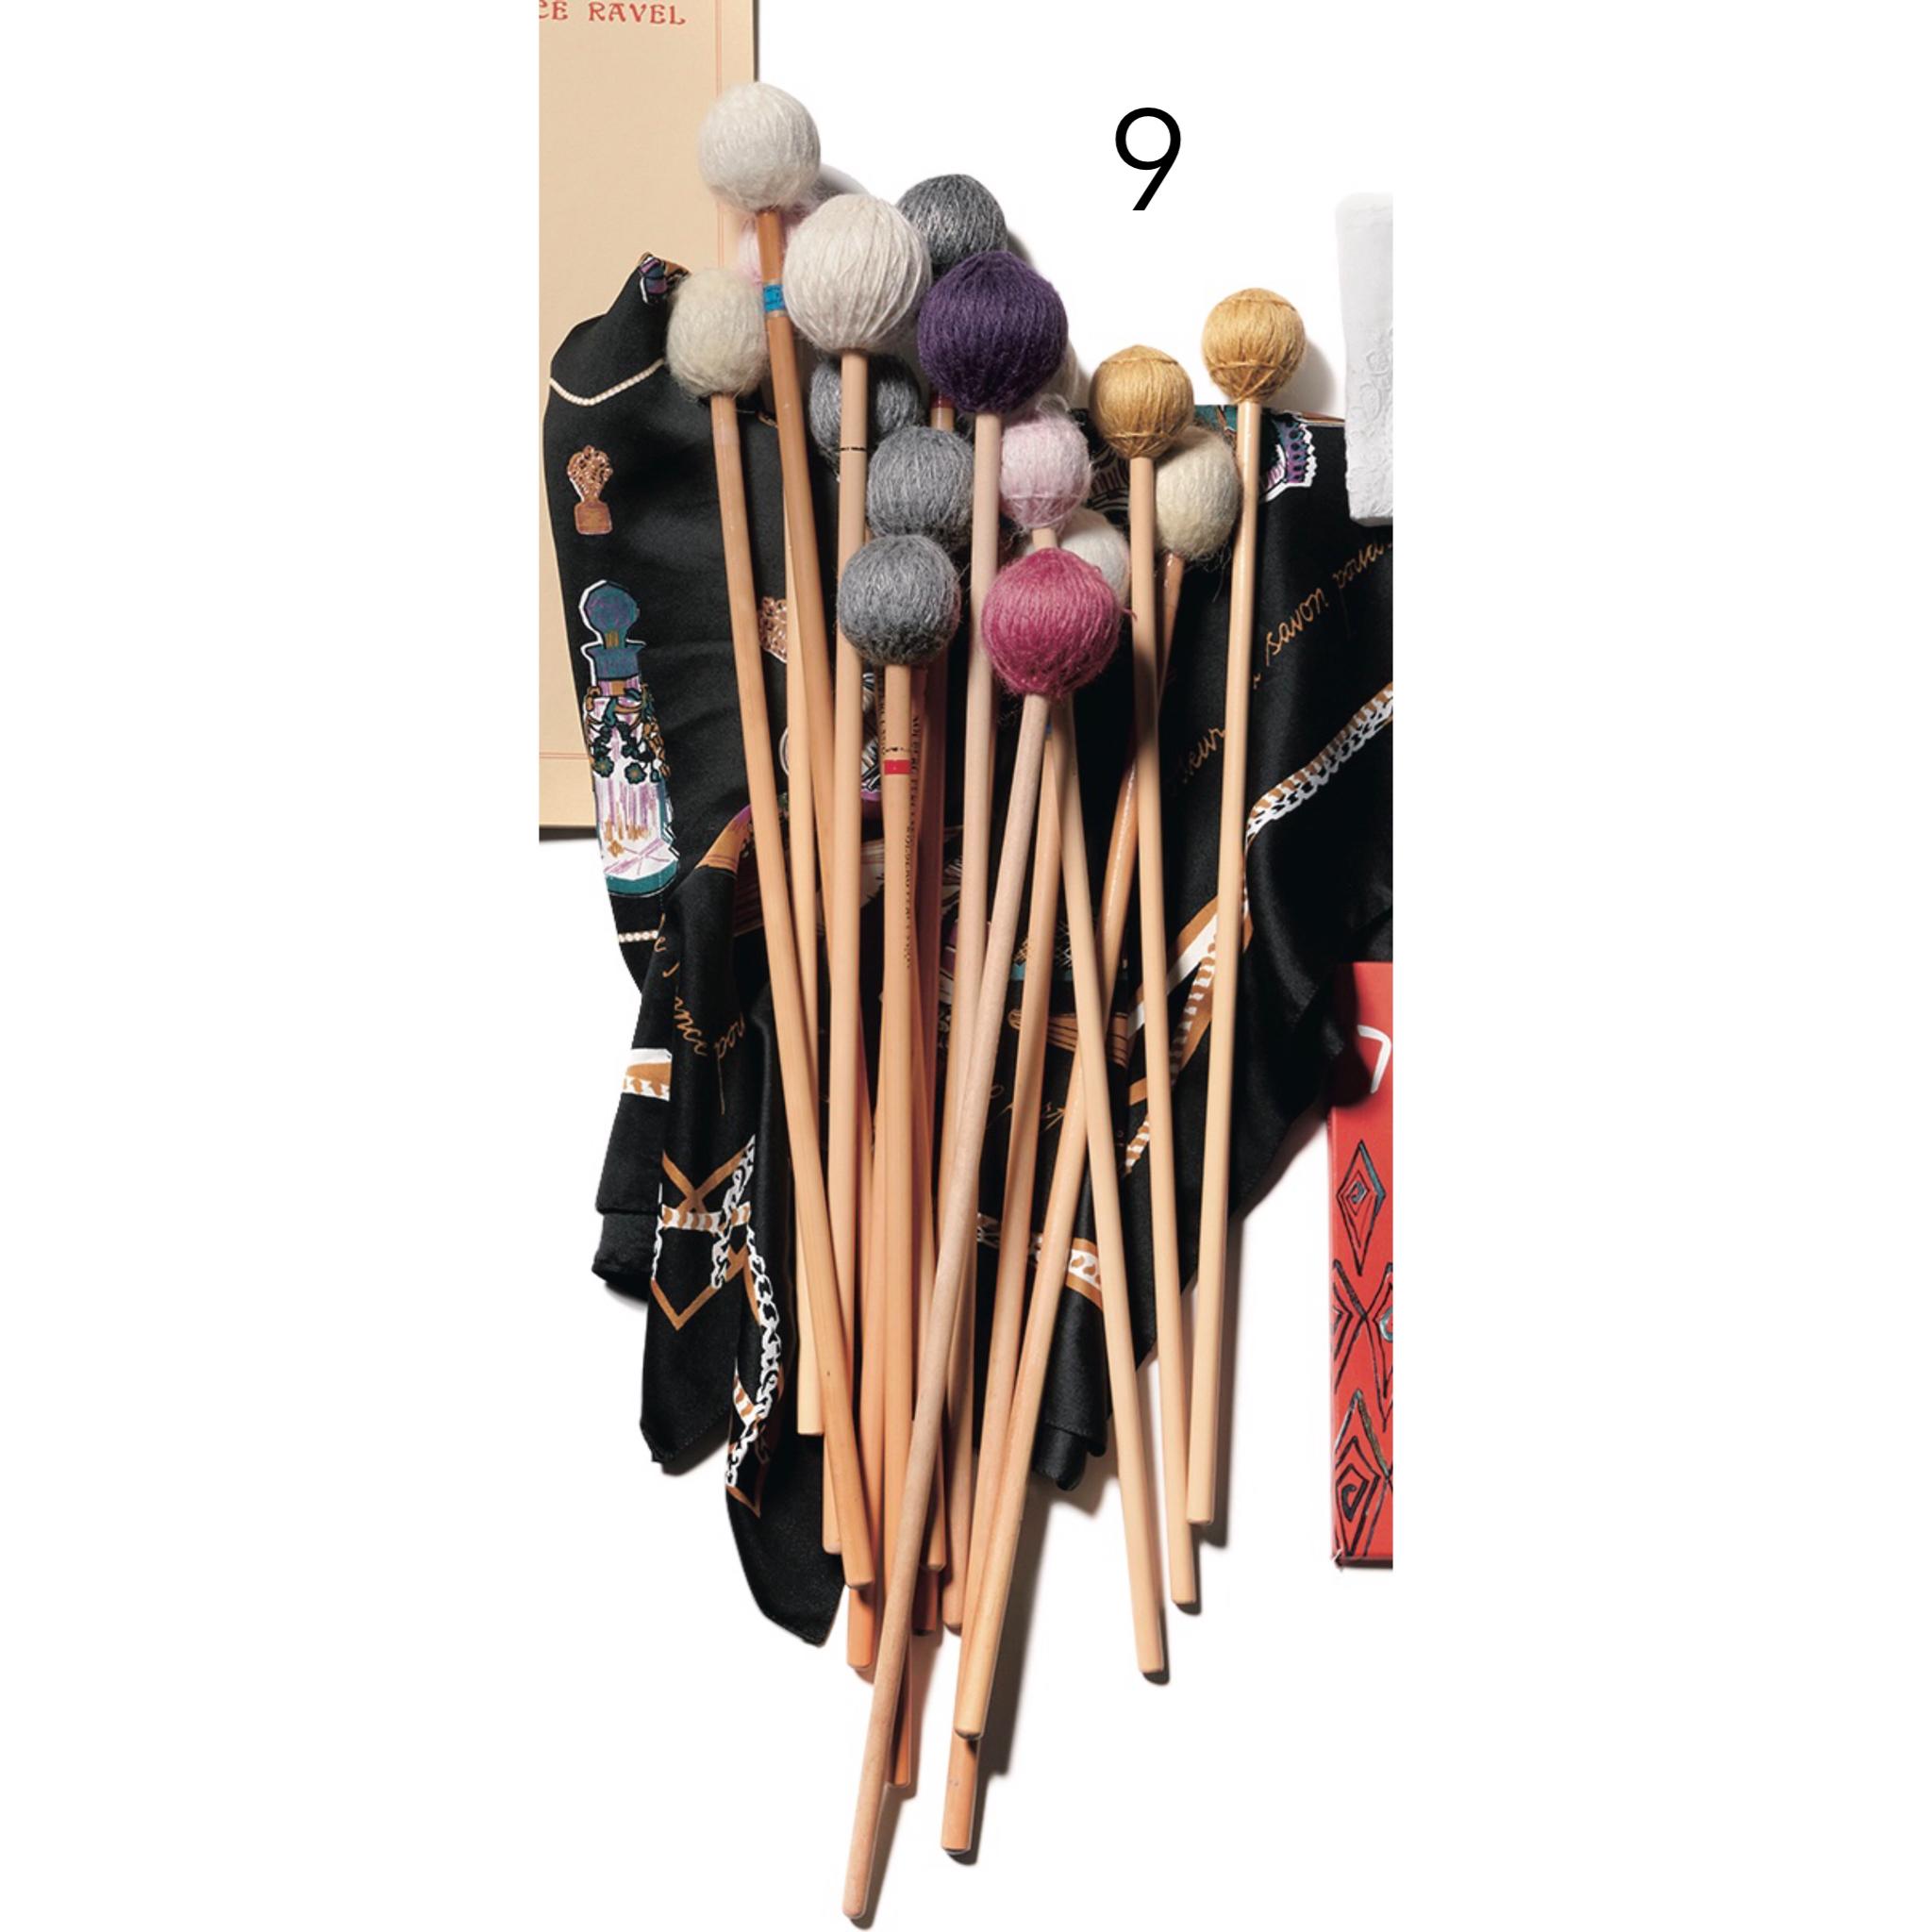 ❾マリンバ用のマレットとH&Mのスカー フ。「木や籐など、異なる材質のマレットは、いろいろな国で購入しています。リハーサルや本番では、今日の倍の本数は持つようにしていて。スカーフで包ん でいます」